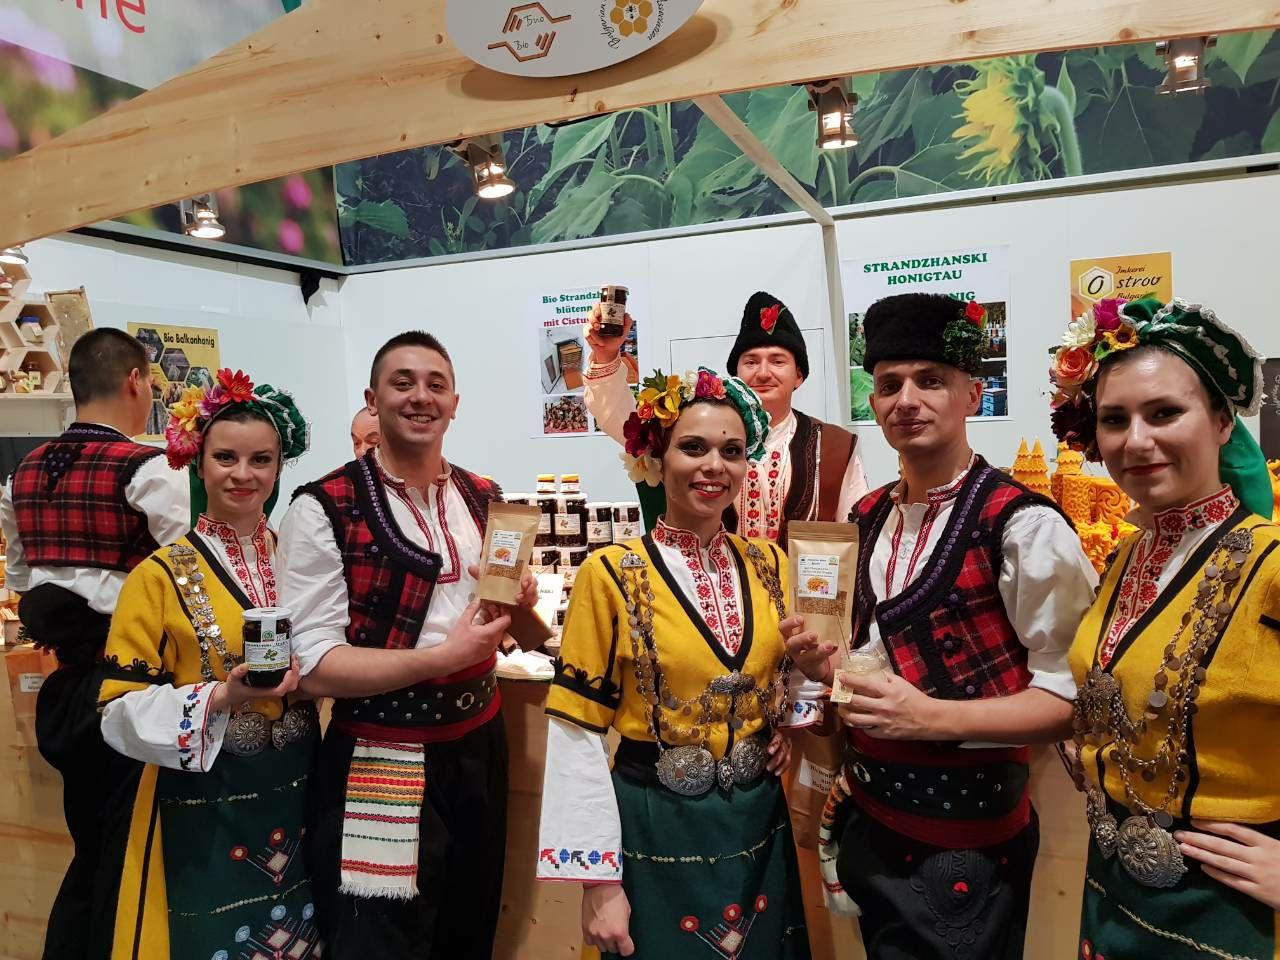 Пчелари представиха мановия мед на най-голямото селскостопанско изложение в Берлин